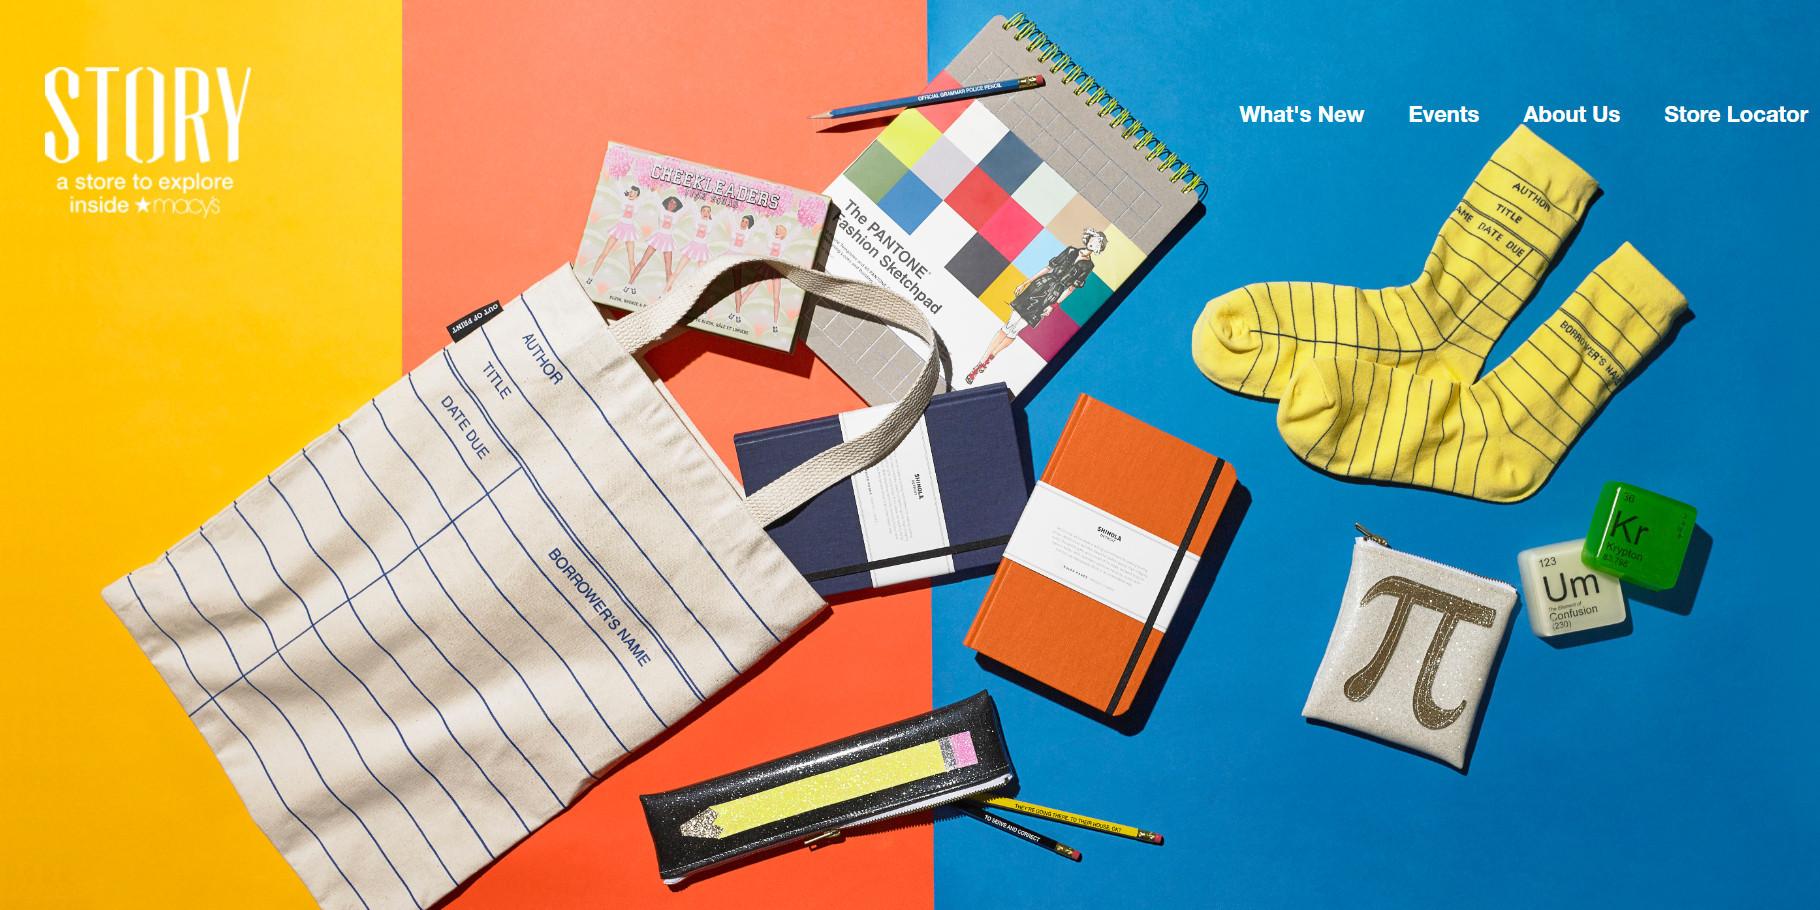 メイシーズ店内ストーリーの第3弾テーマは、「School of Style」(スタイルの学校)_b0007805_08114080.jpg